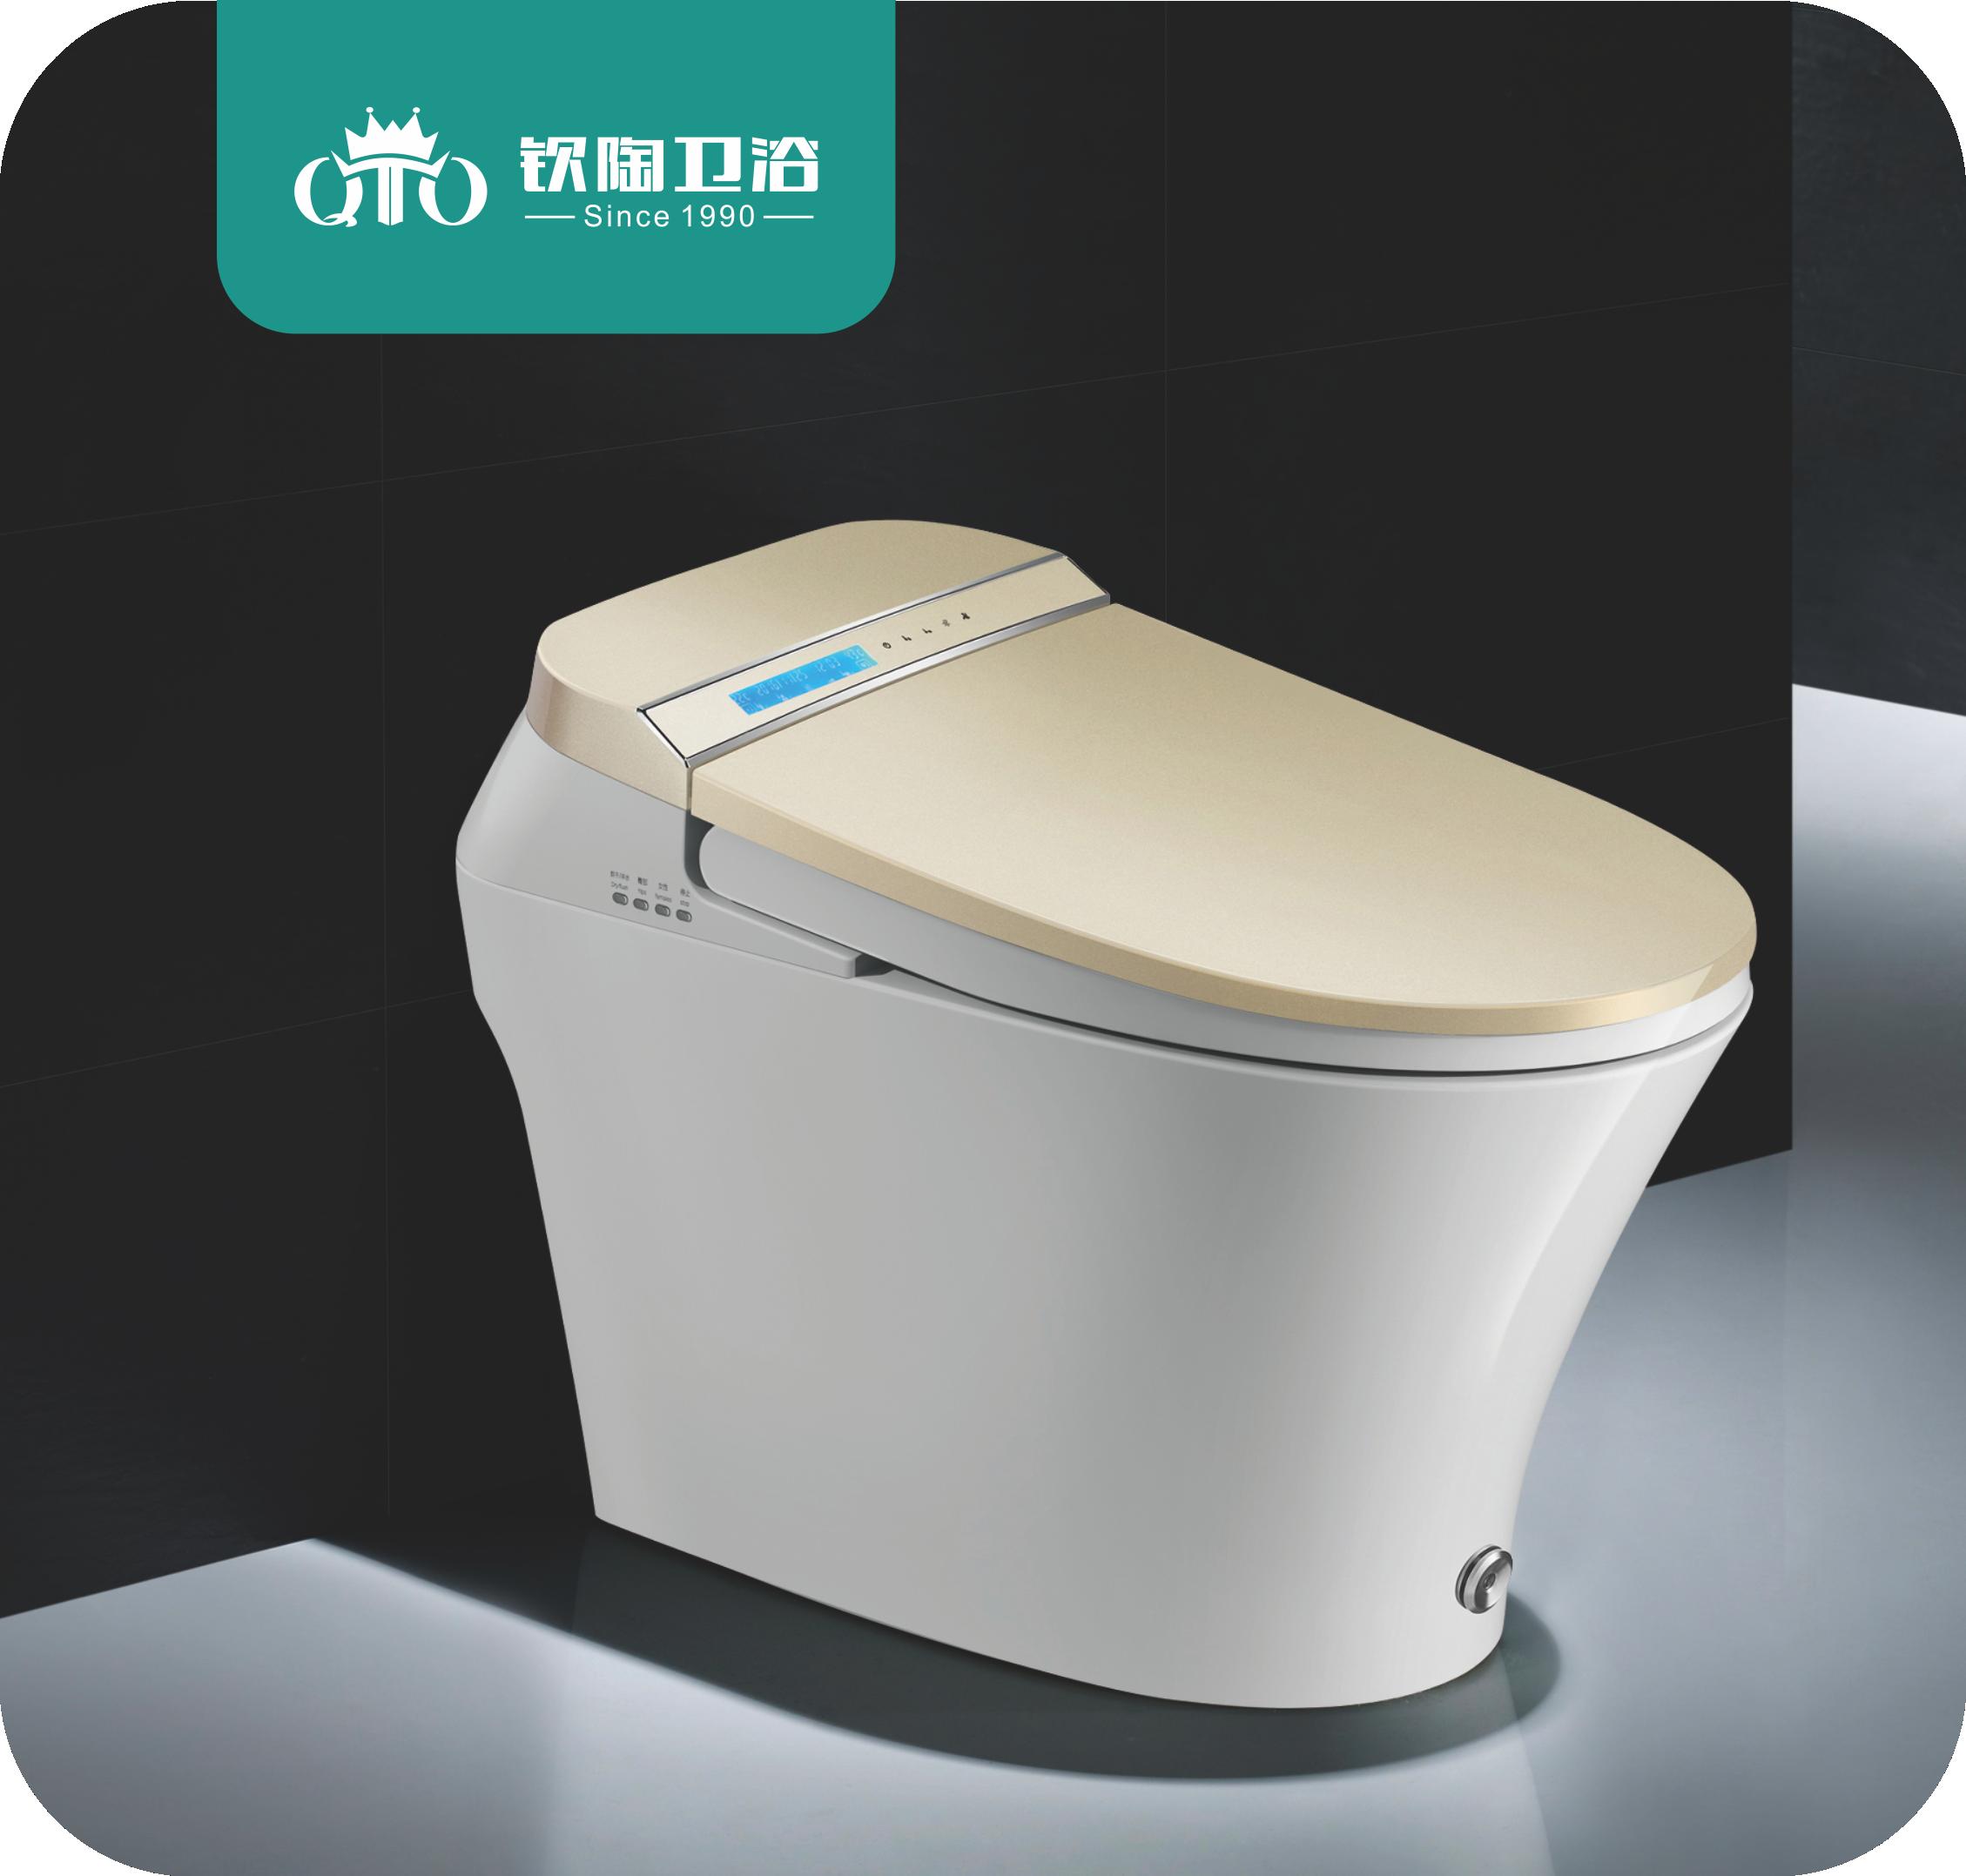 钦陶卫浴.QTO-8002A智能座便器